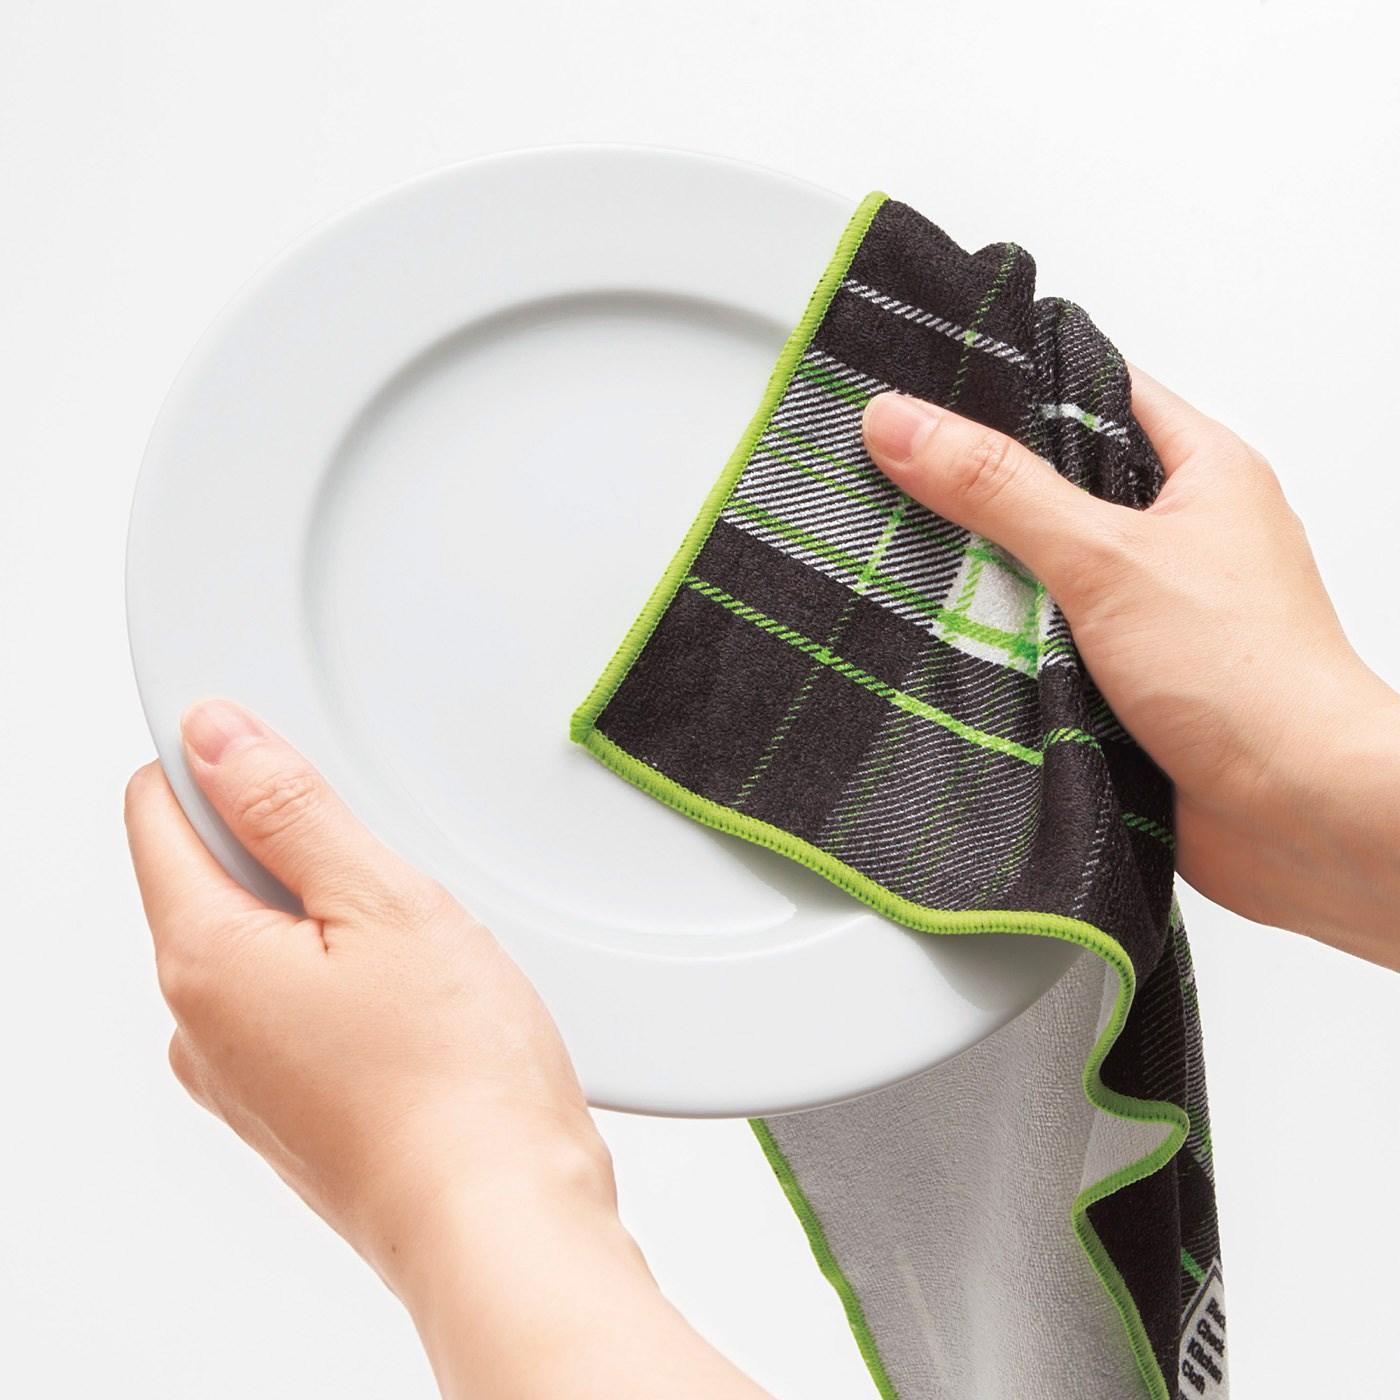 お皿もふきやすい大きめサイズ。